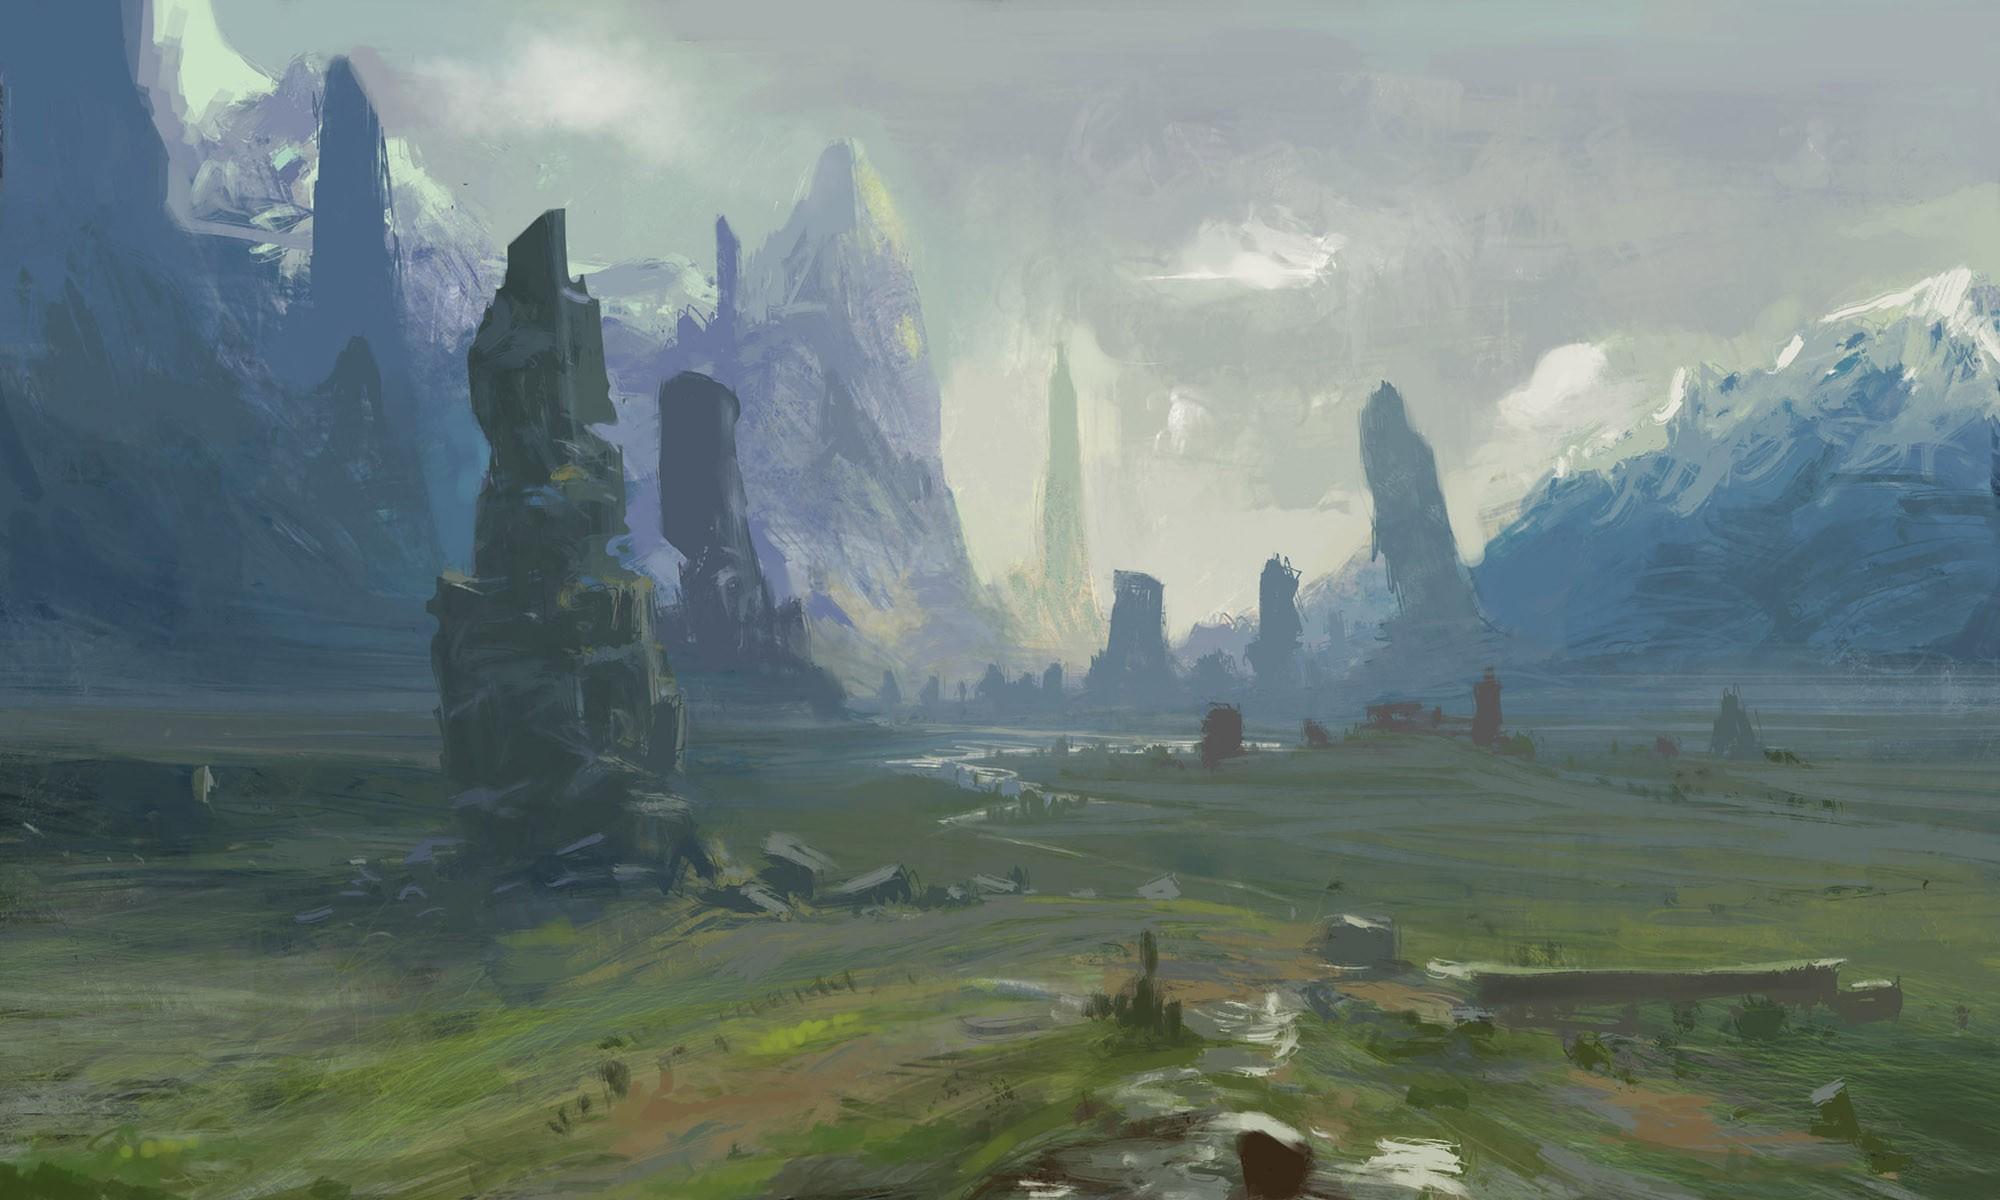 魔域里最美丽的风景